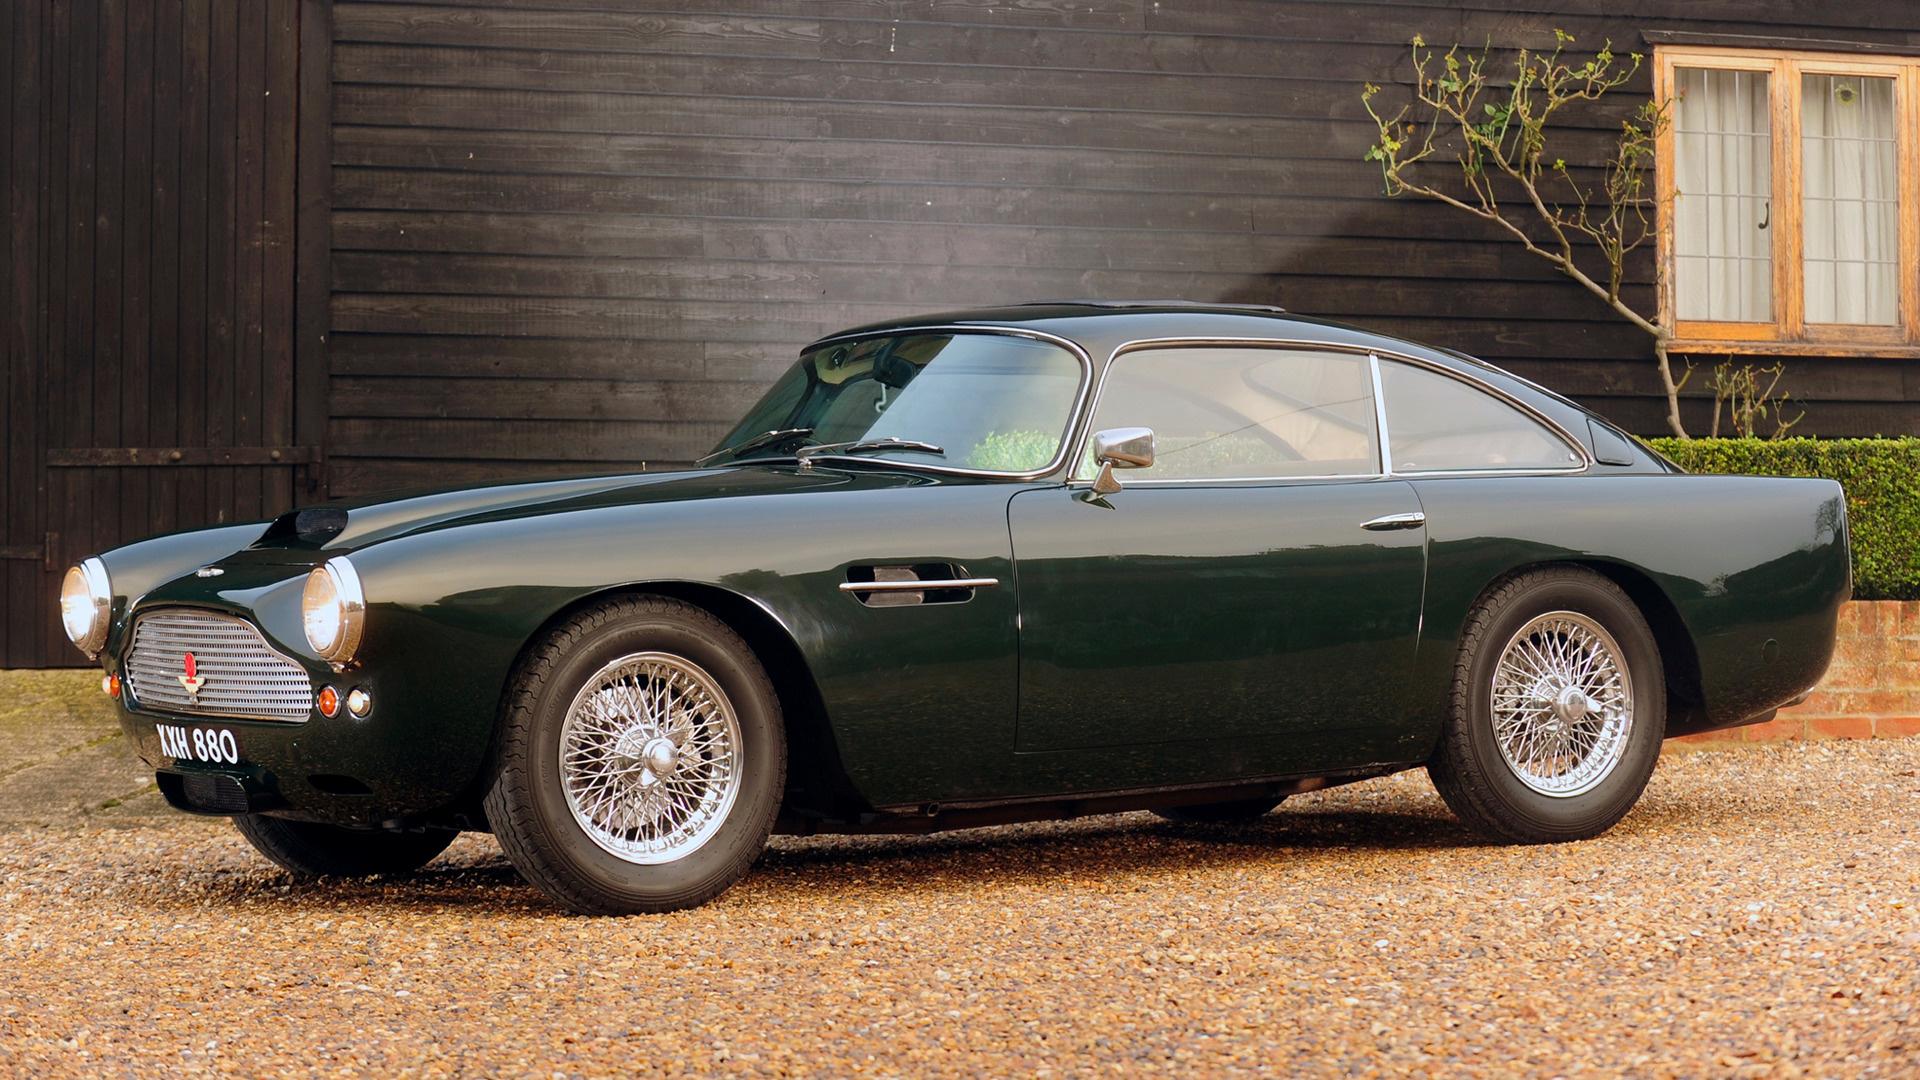 1958 Aston Martin Db4 I Uk Papeis De Parede E Imagens De Fundo Em Hd Car Pixel